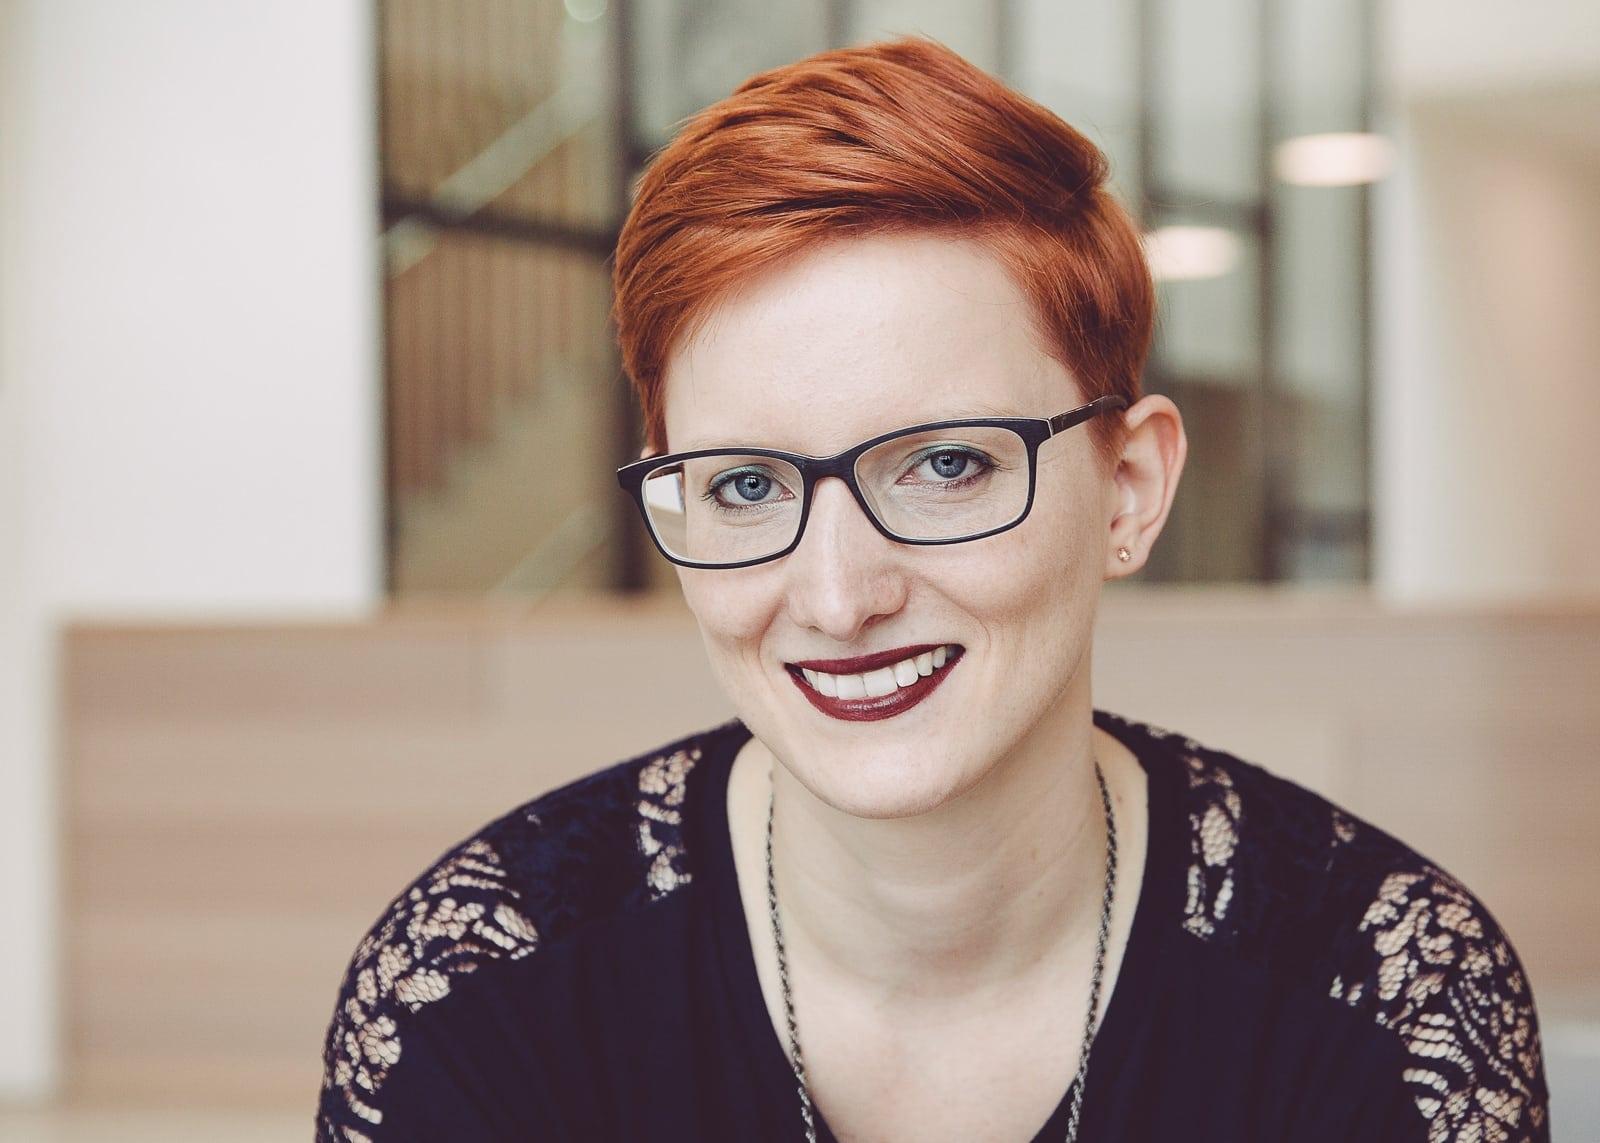 Christiane Eckl, Fotografin für Hochzeiten, Portrait und Architektur aus Wels, Oberösterreich